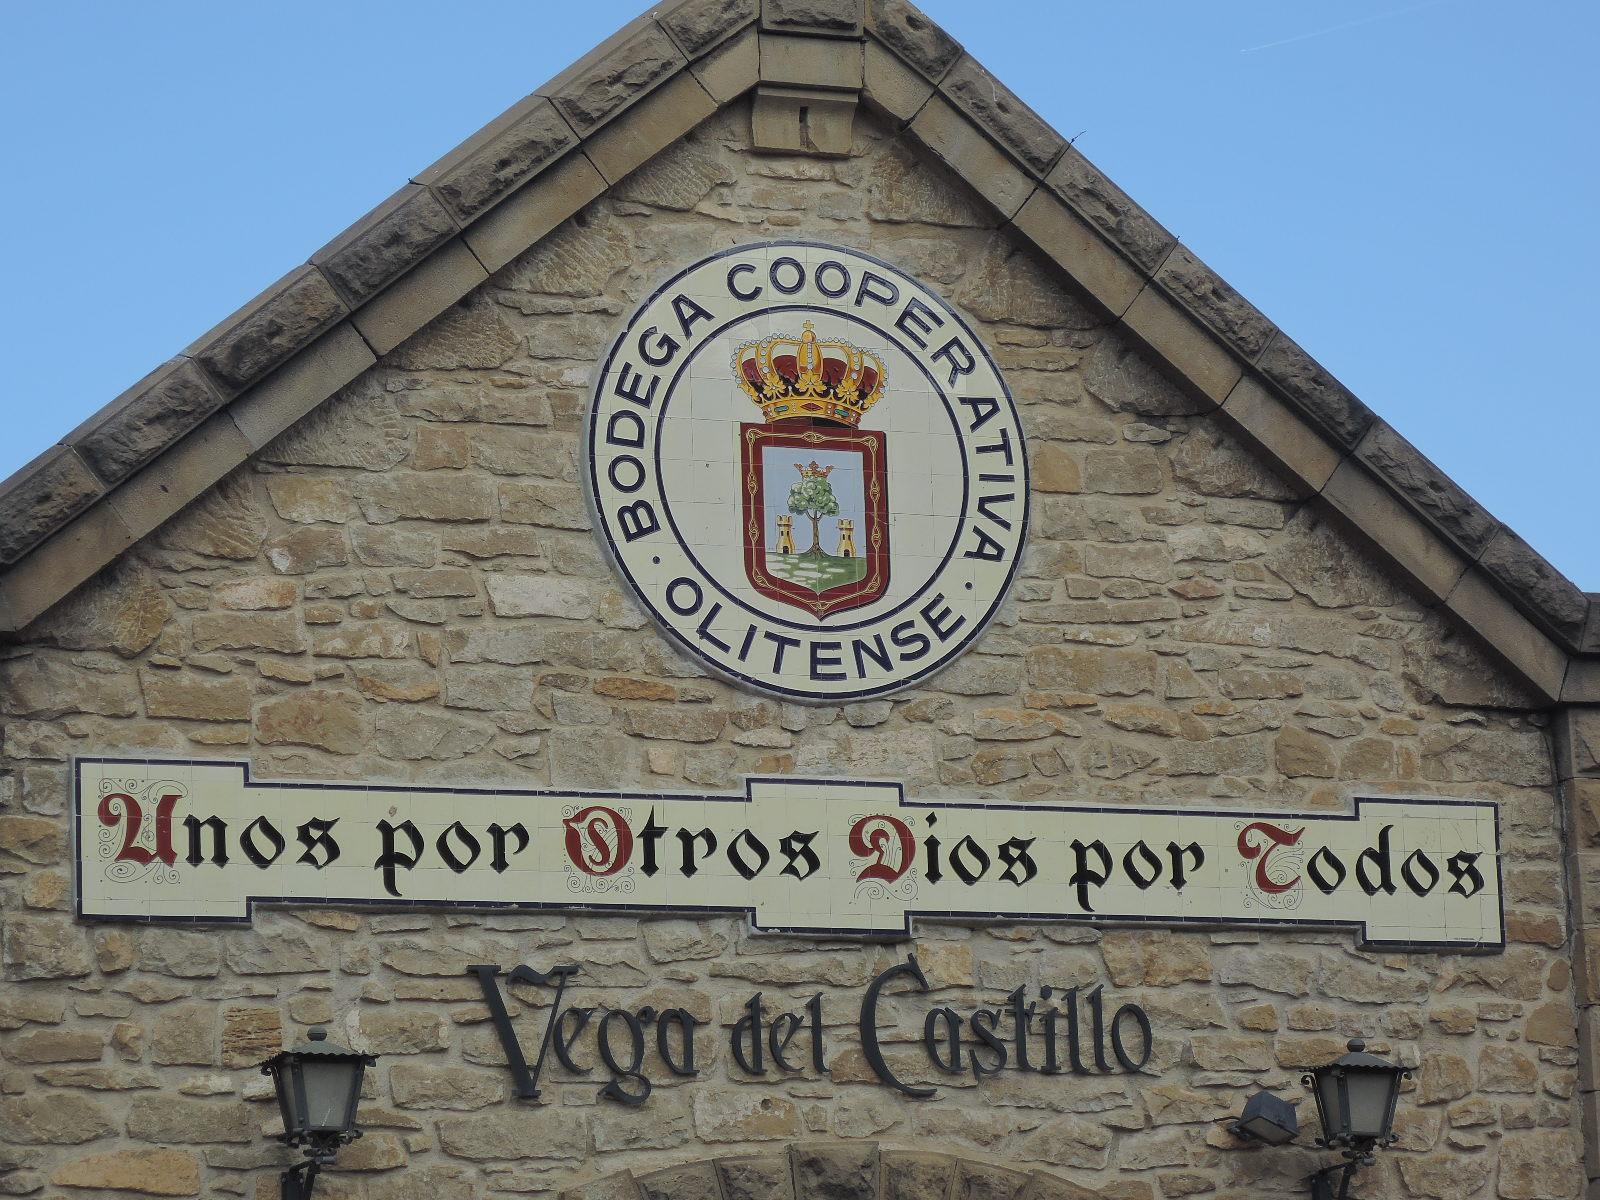 ¡Bravo por Vega el Castillo!